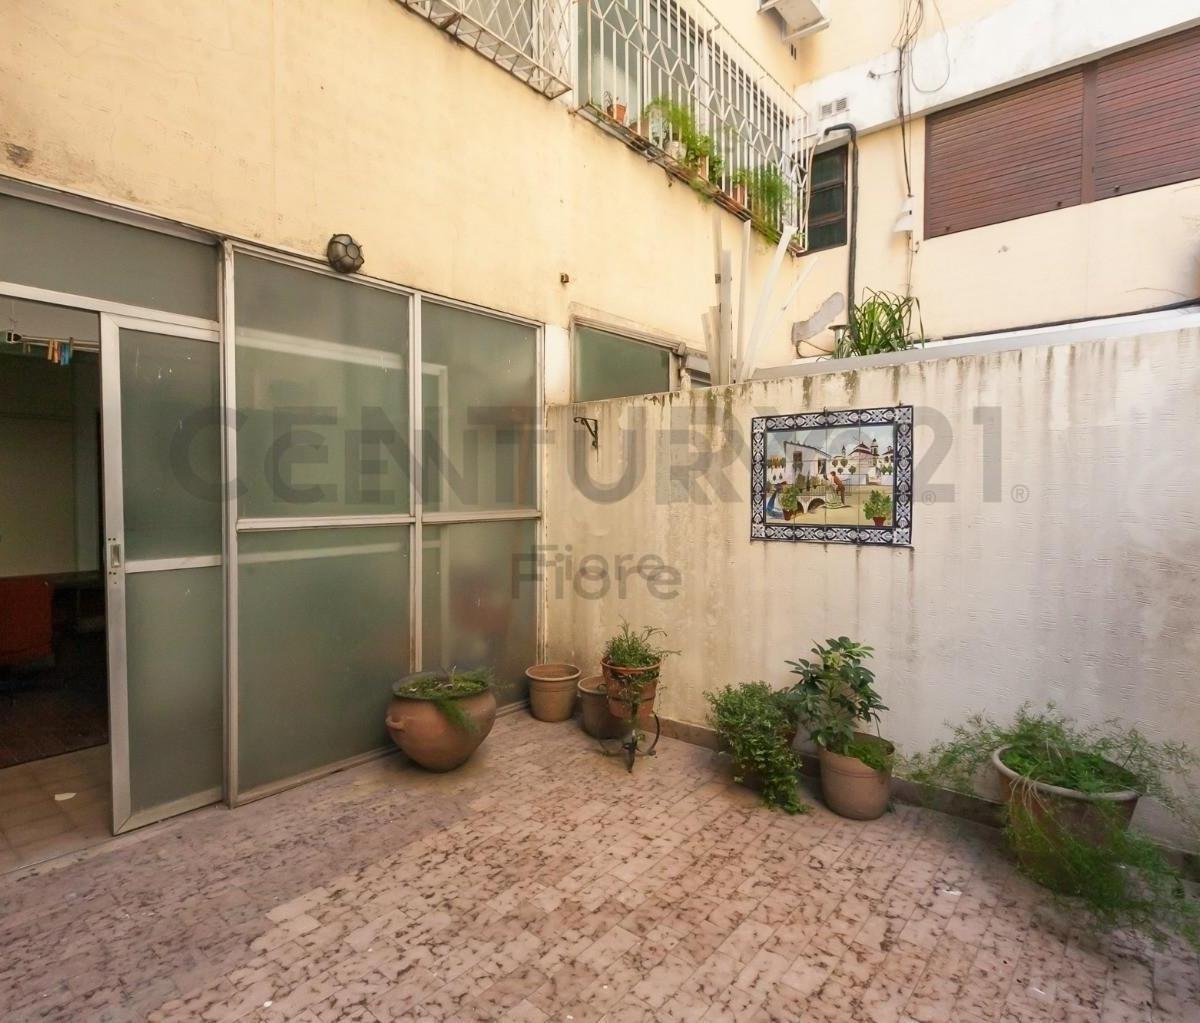 venta departamento 4 ambientes con dependencia patio cochera baulera en cañitas